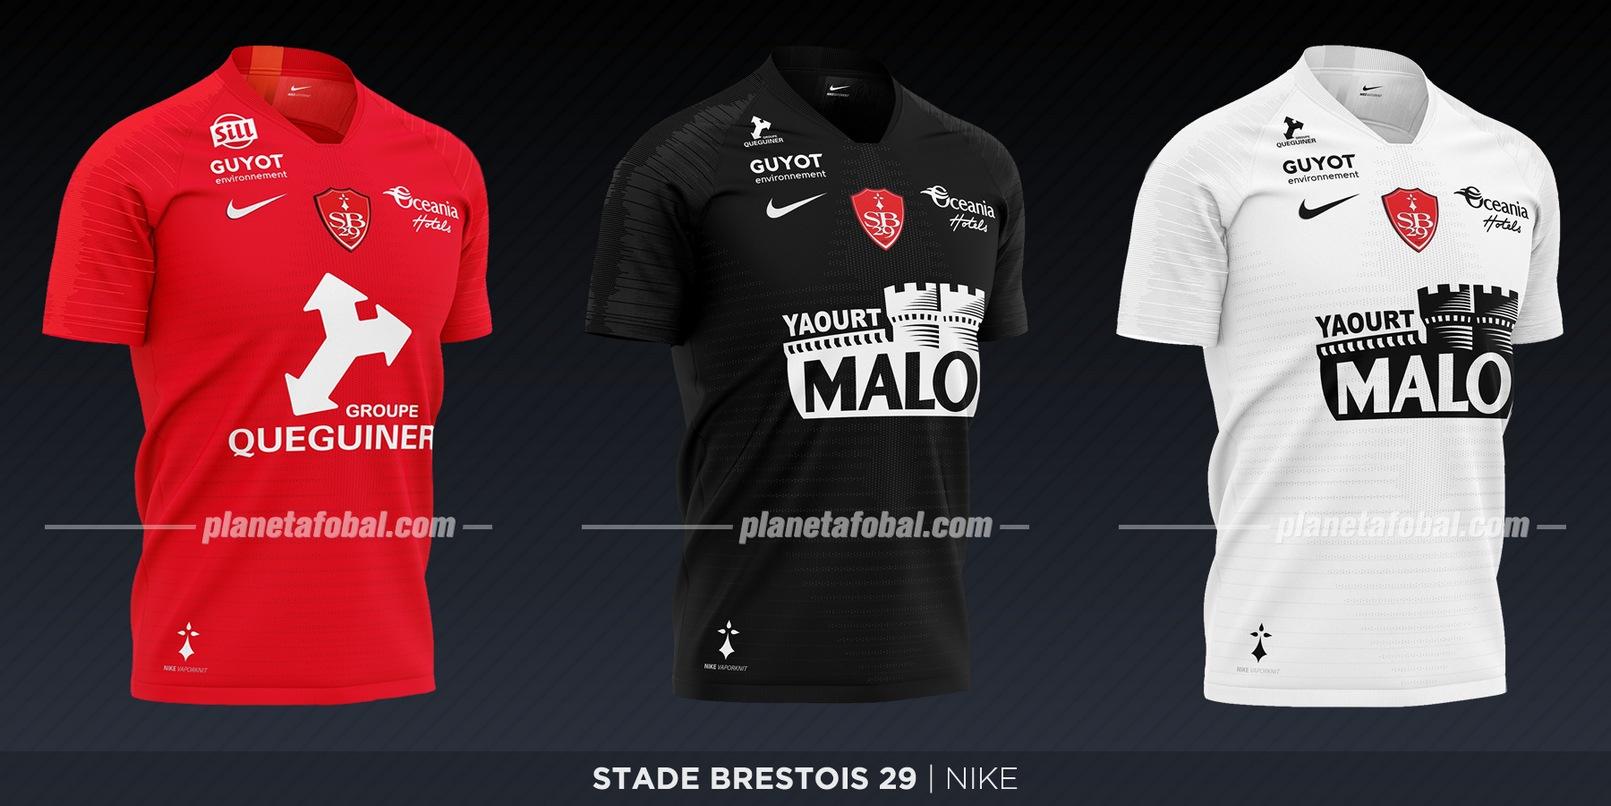 Stade Brestois (Nike) | Camisetas de la Ligue 1 2019-2020